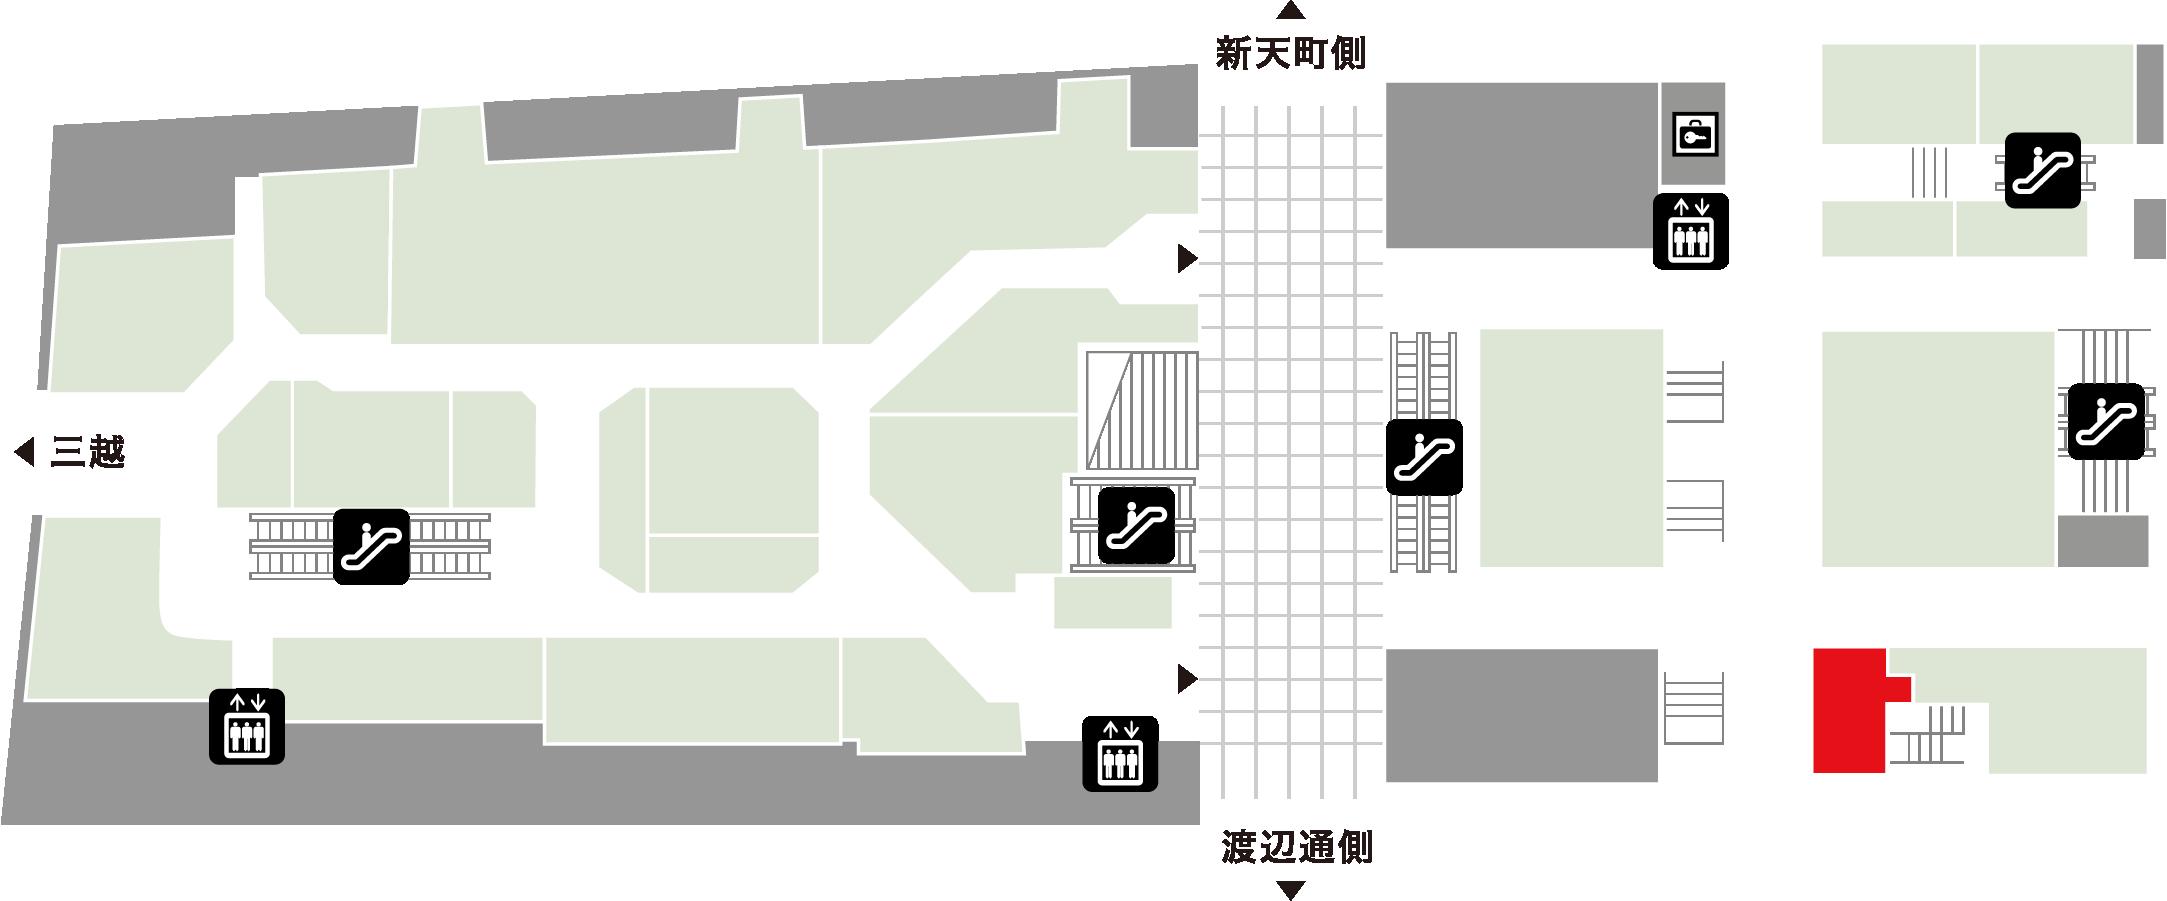 福岡銀行 ほけんと住まいの相談室フロアマップ